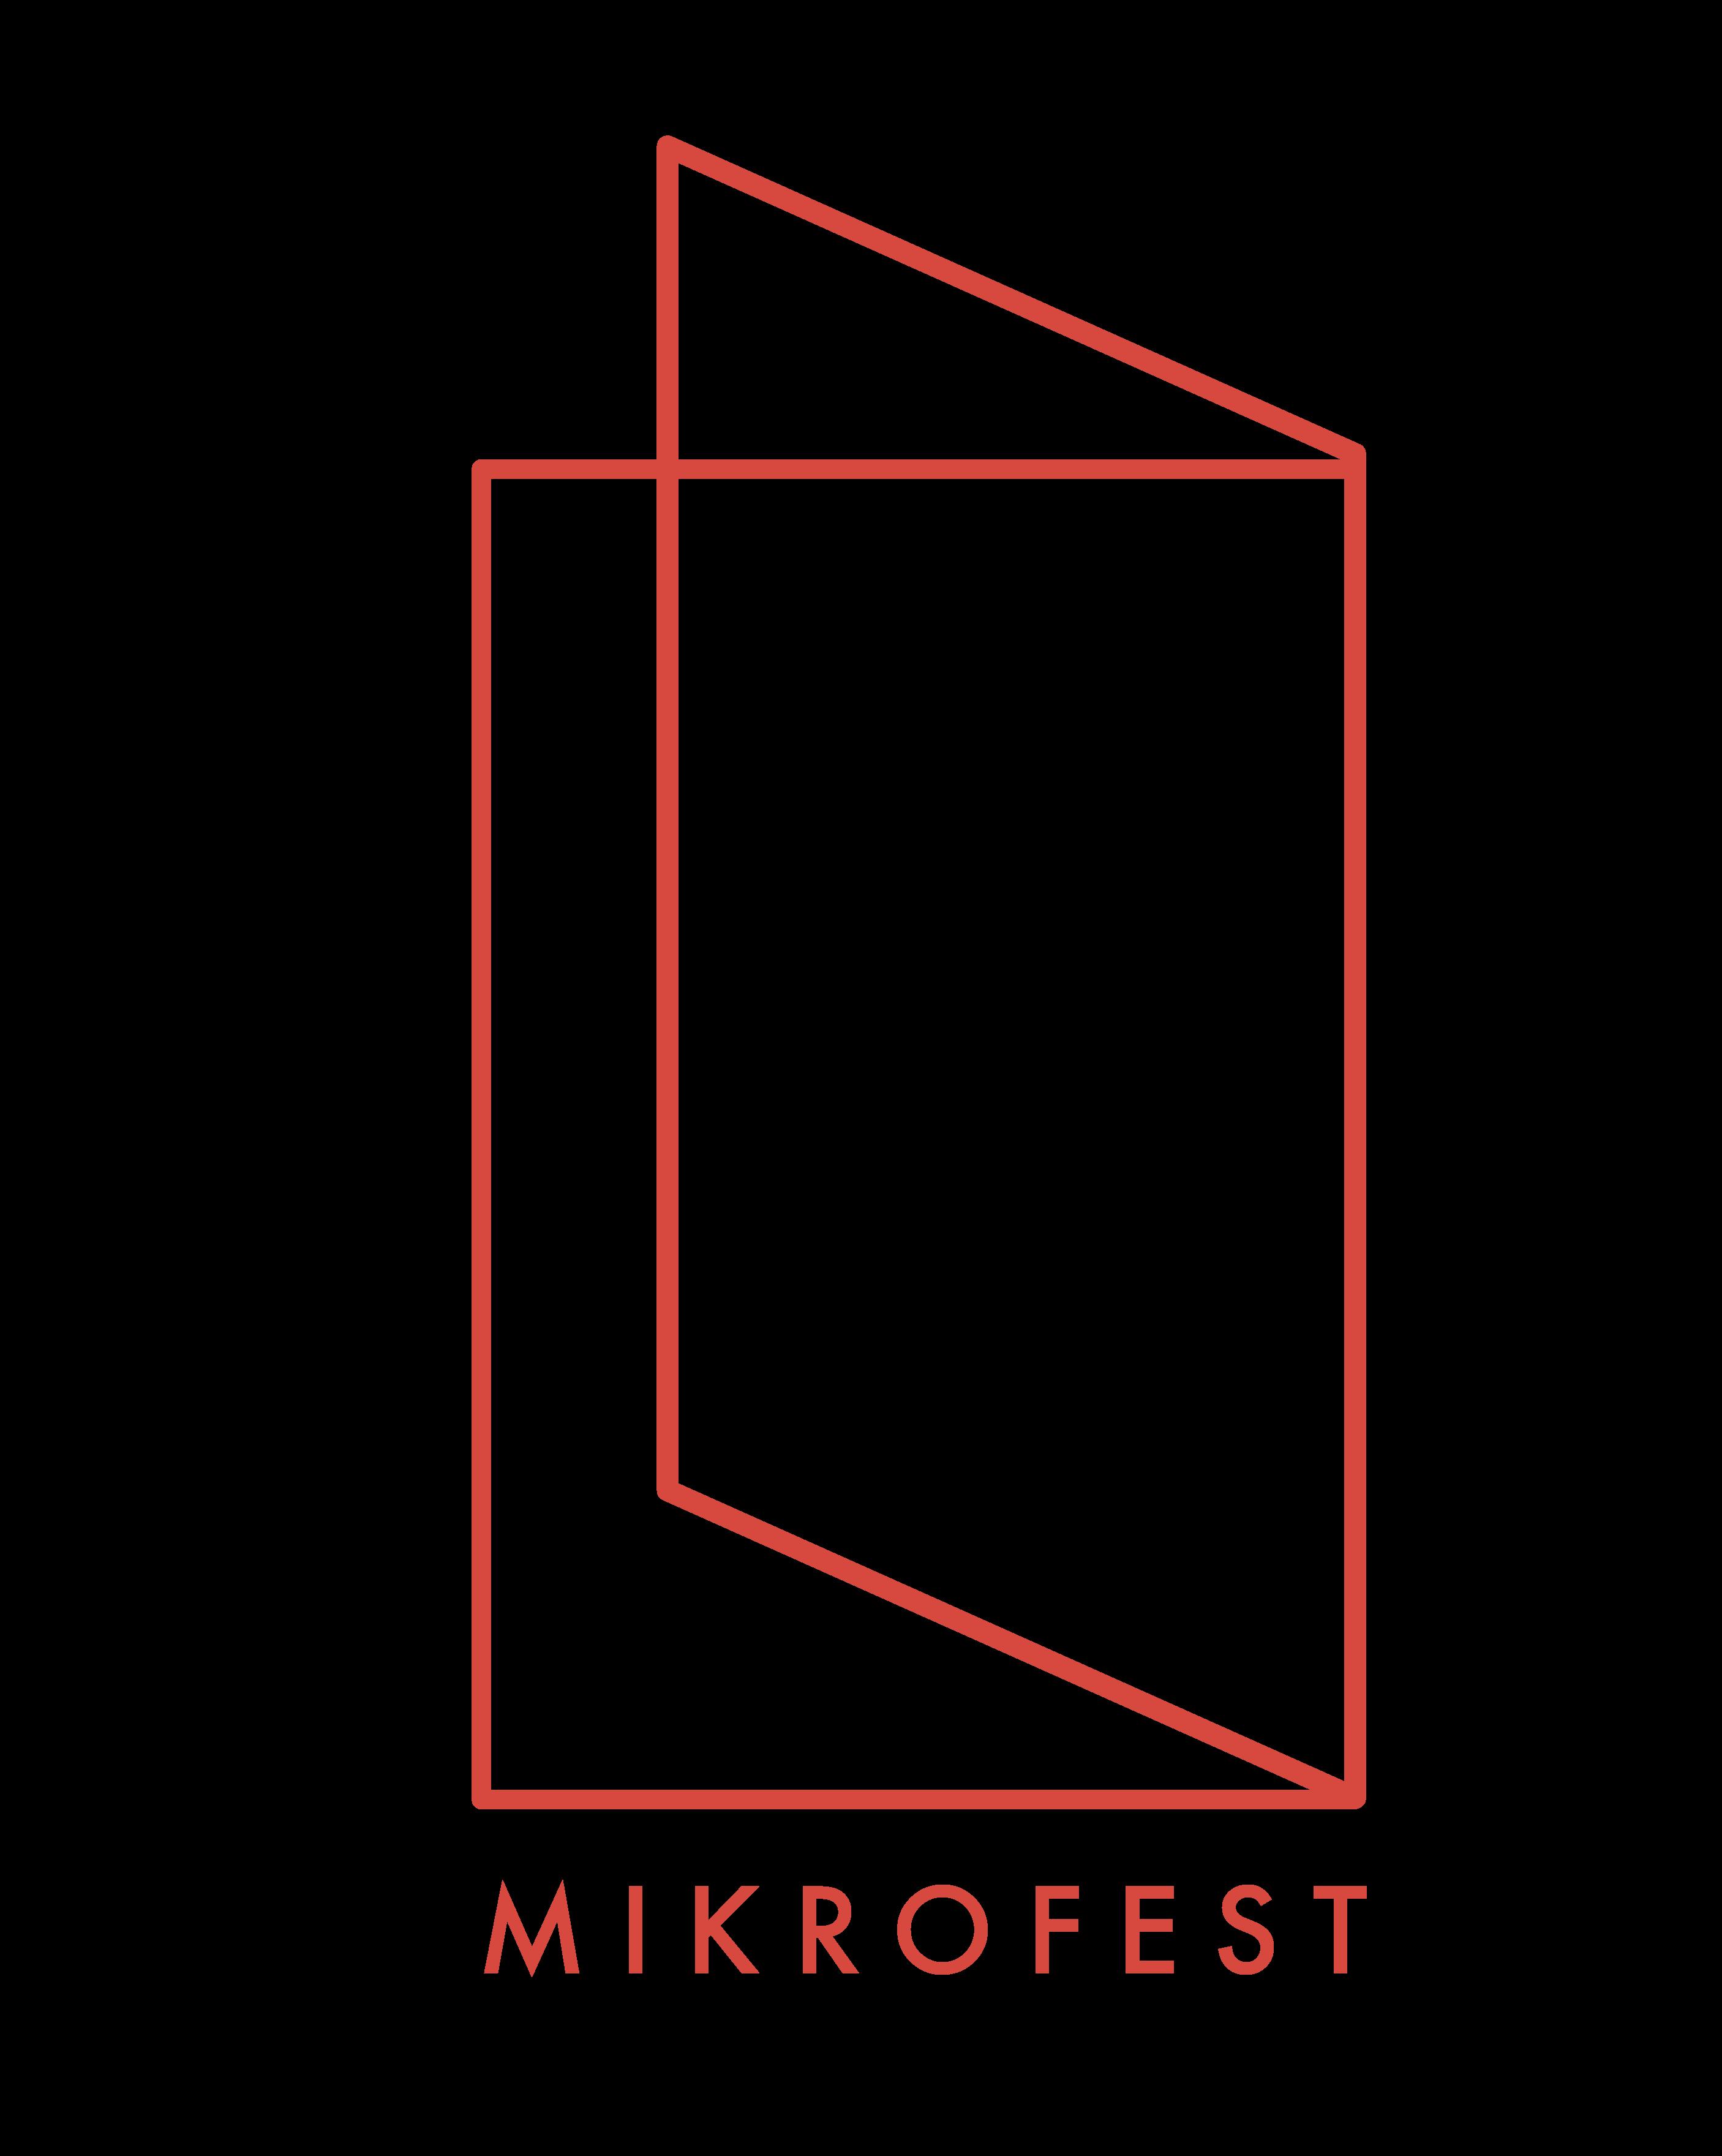 Mikrofest_logo_red